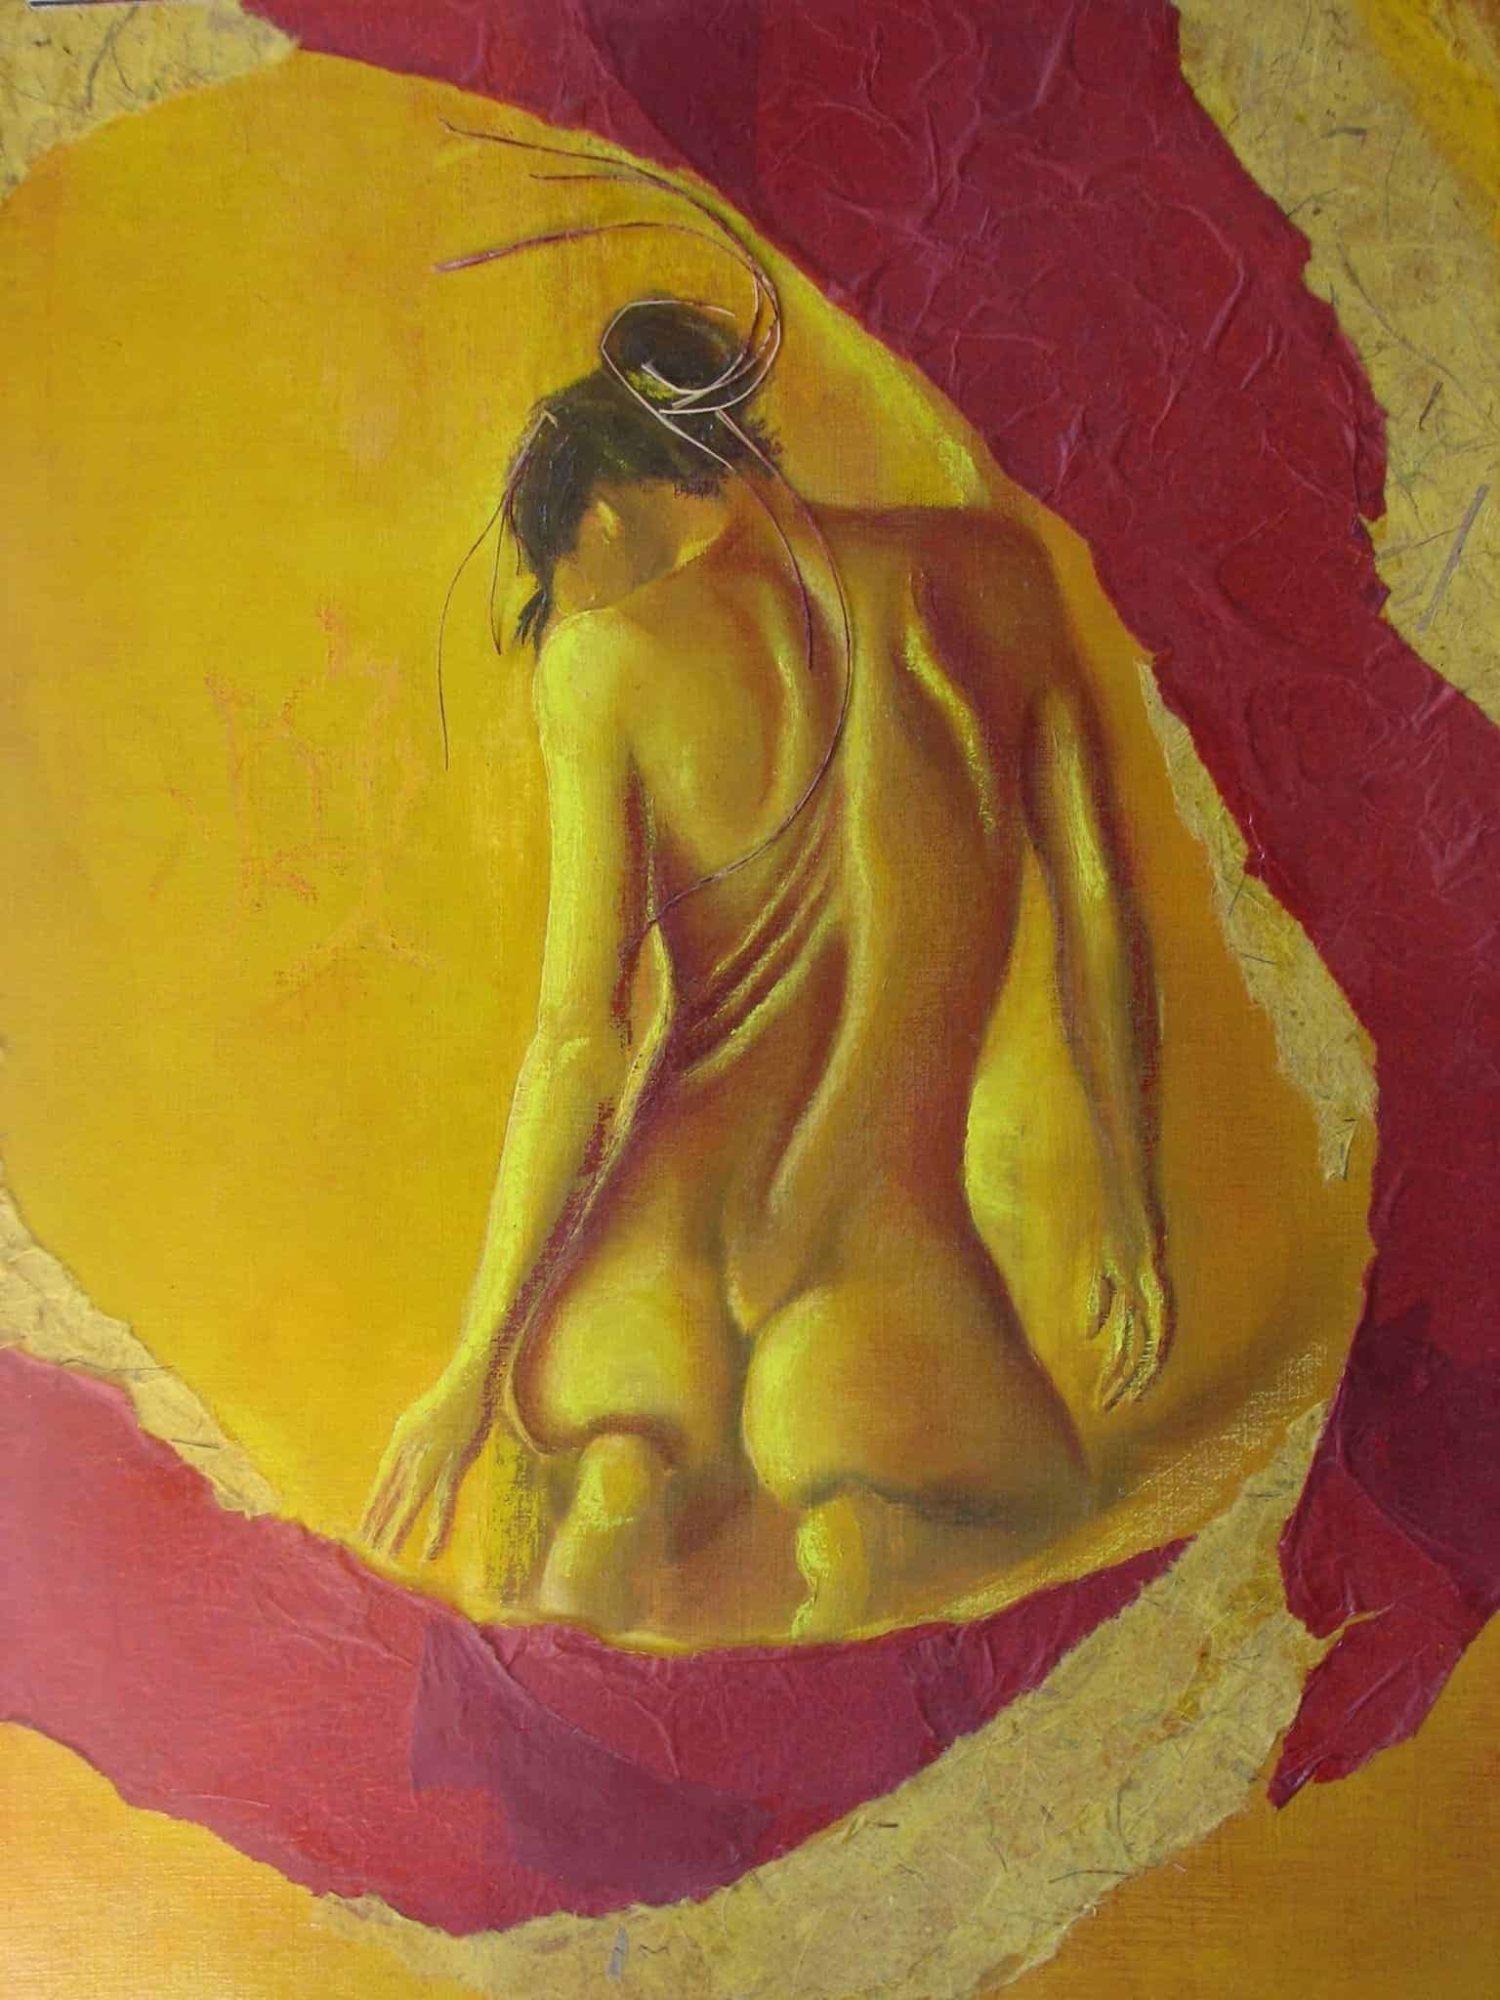 Peinture d'art contemporain, vendue